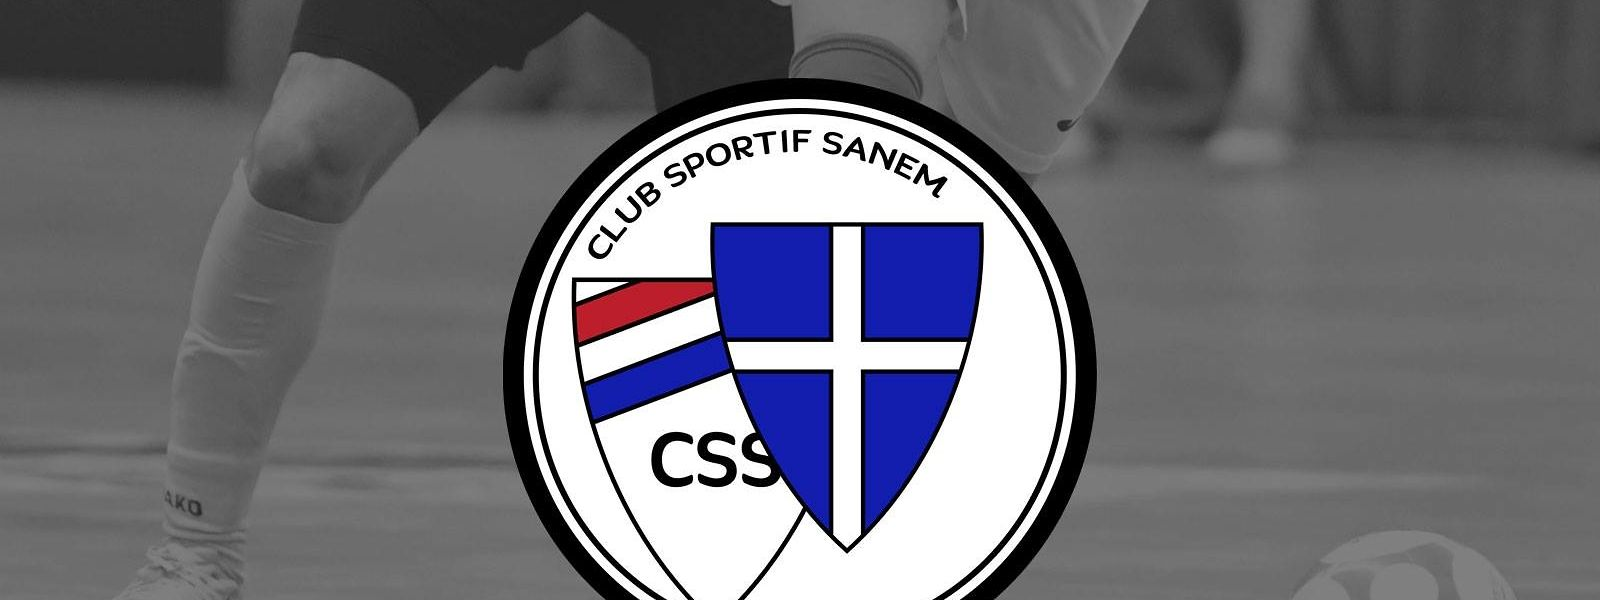 Le projet de la section futsal du CS Sanem est particulièrement ambitieux